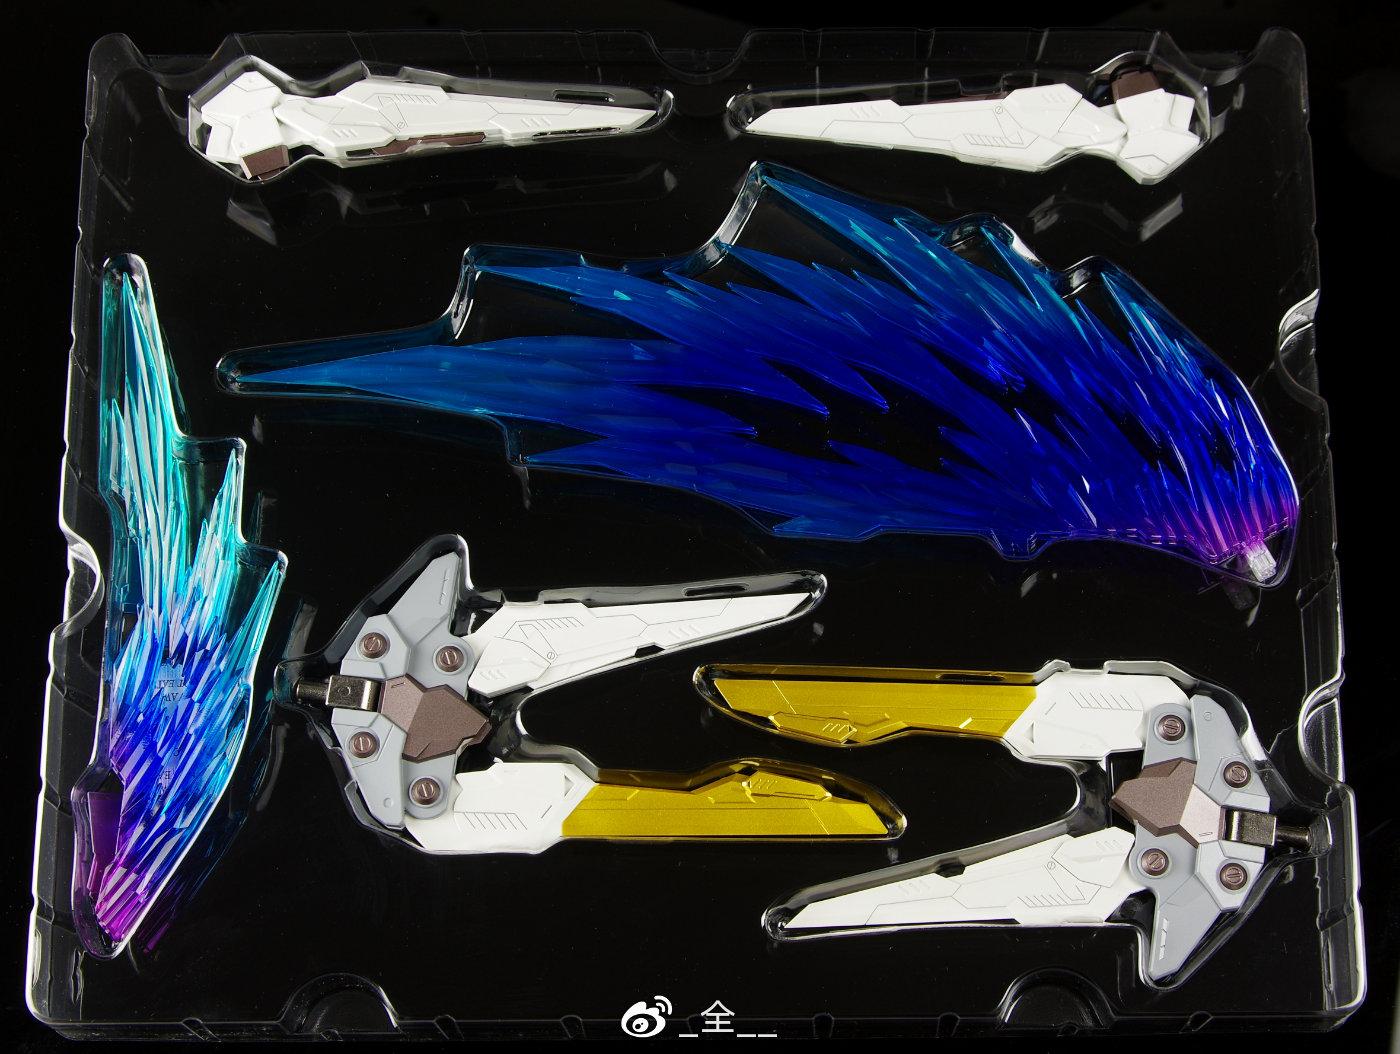 S318_MOTOR_NUCLEAR_011.jpg